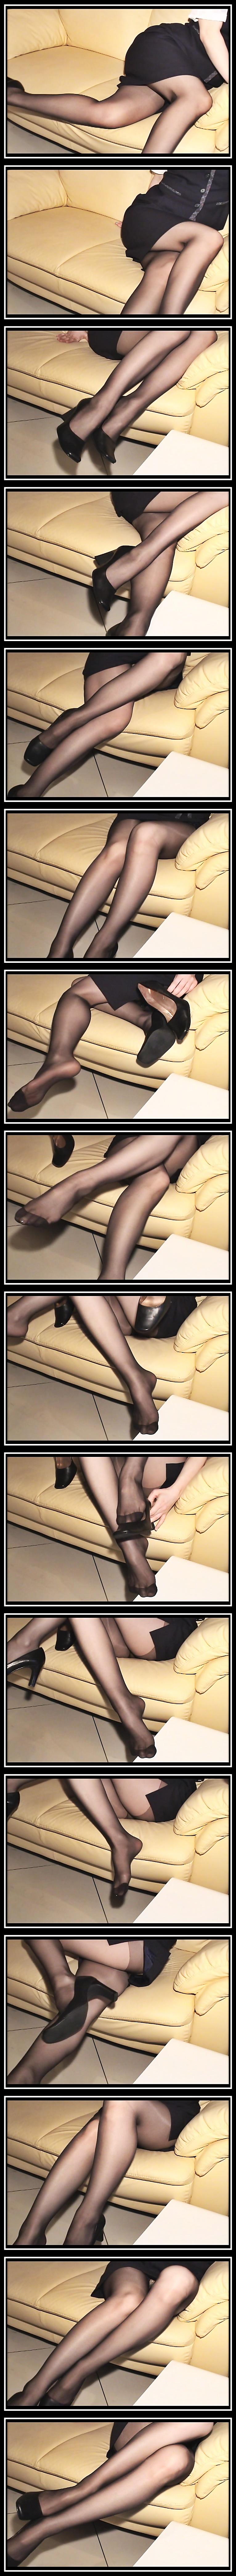 靴センス16選